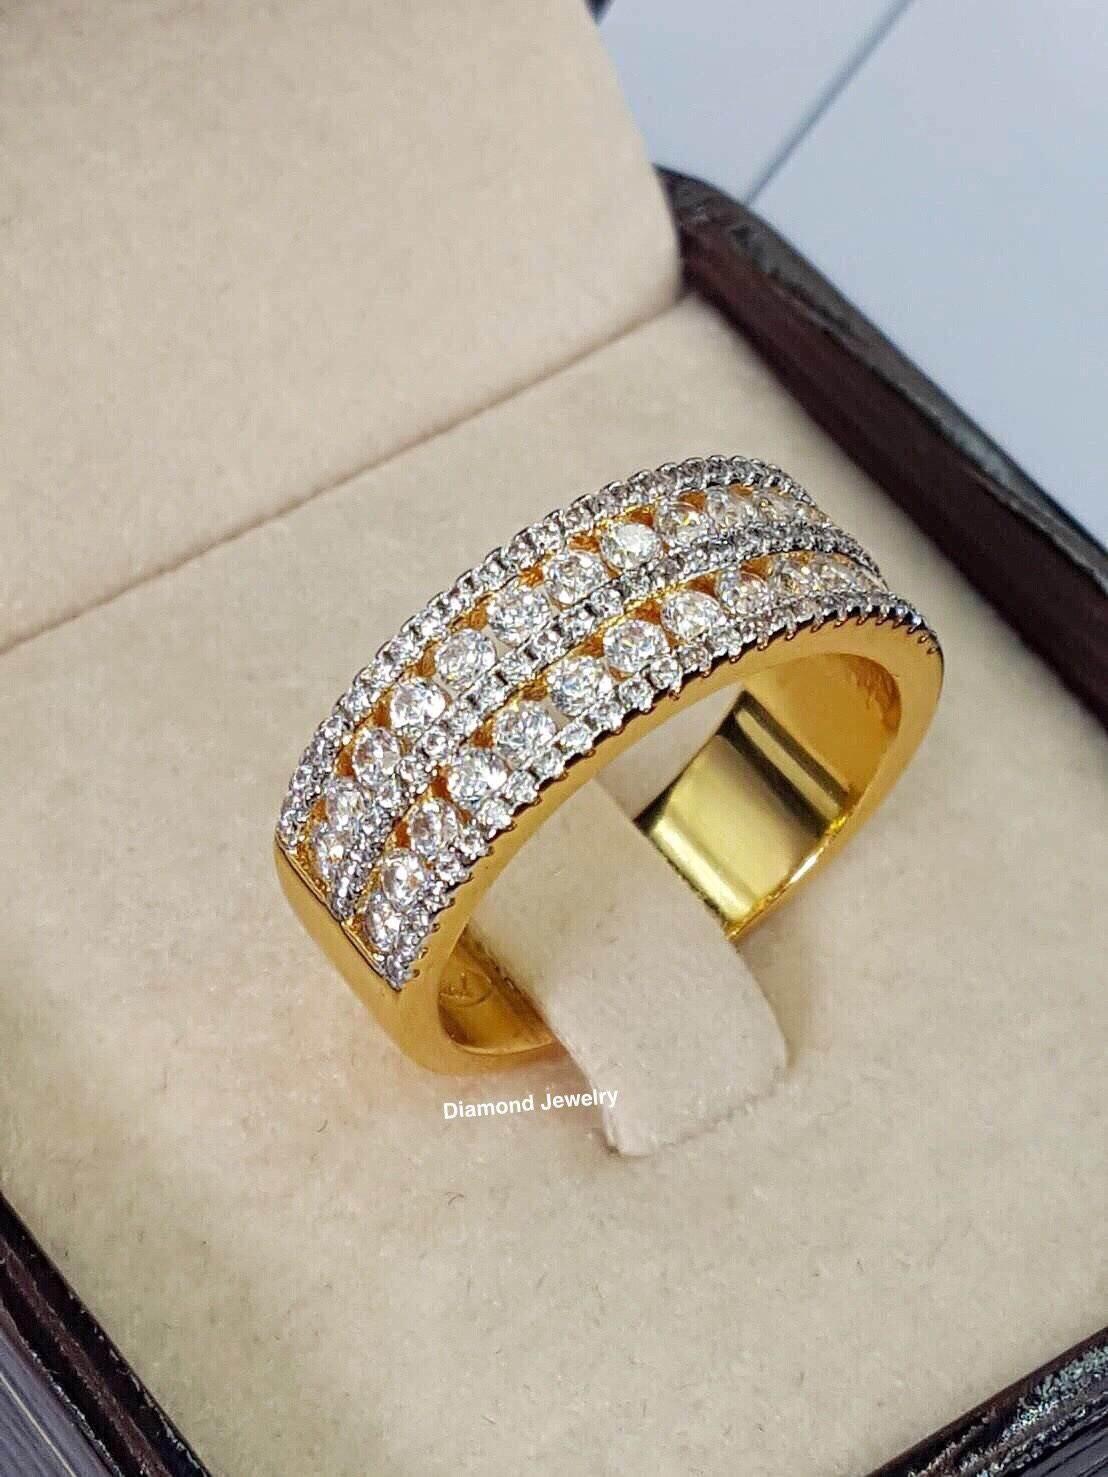 พร้อมส่ง Chopard Ring แหวนเพชรแบรนด์โชพาร์ด